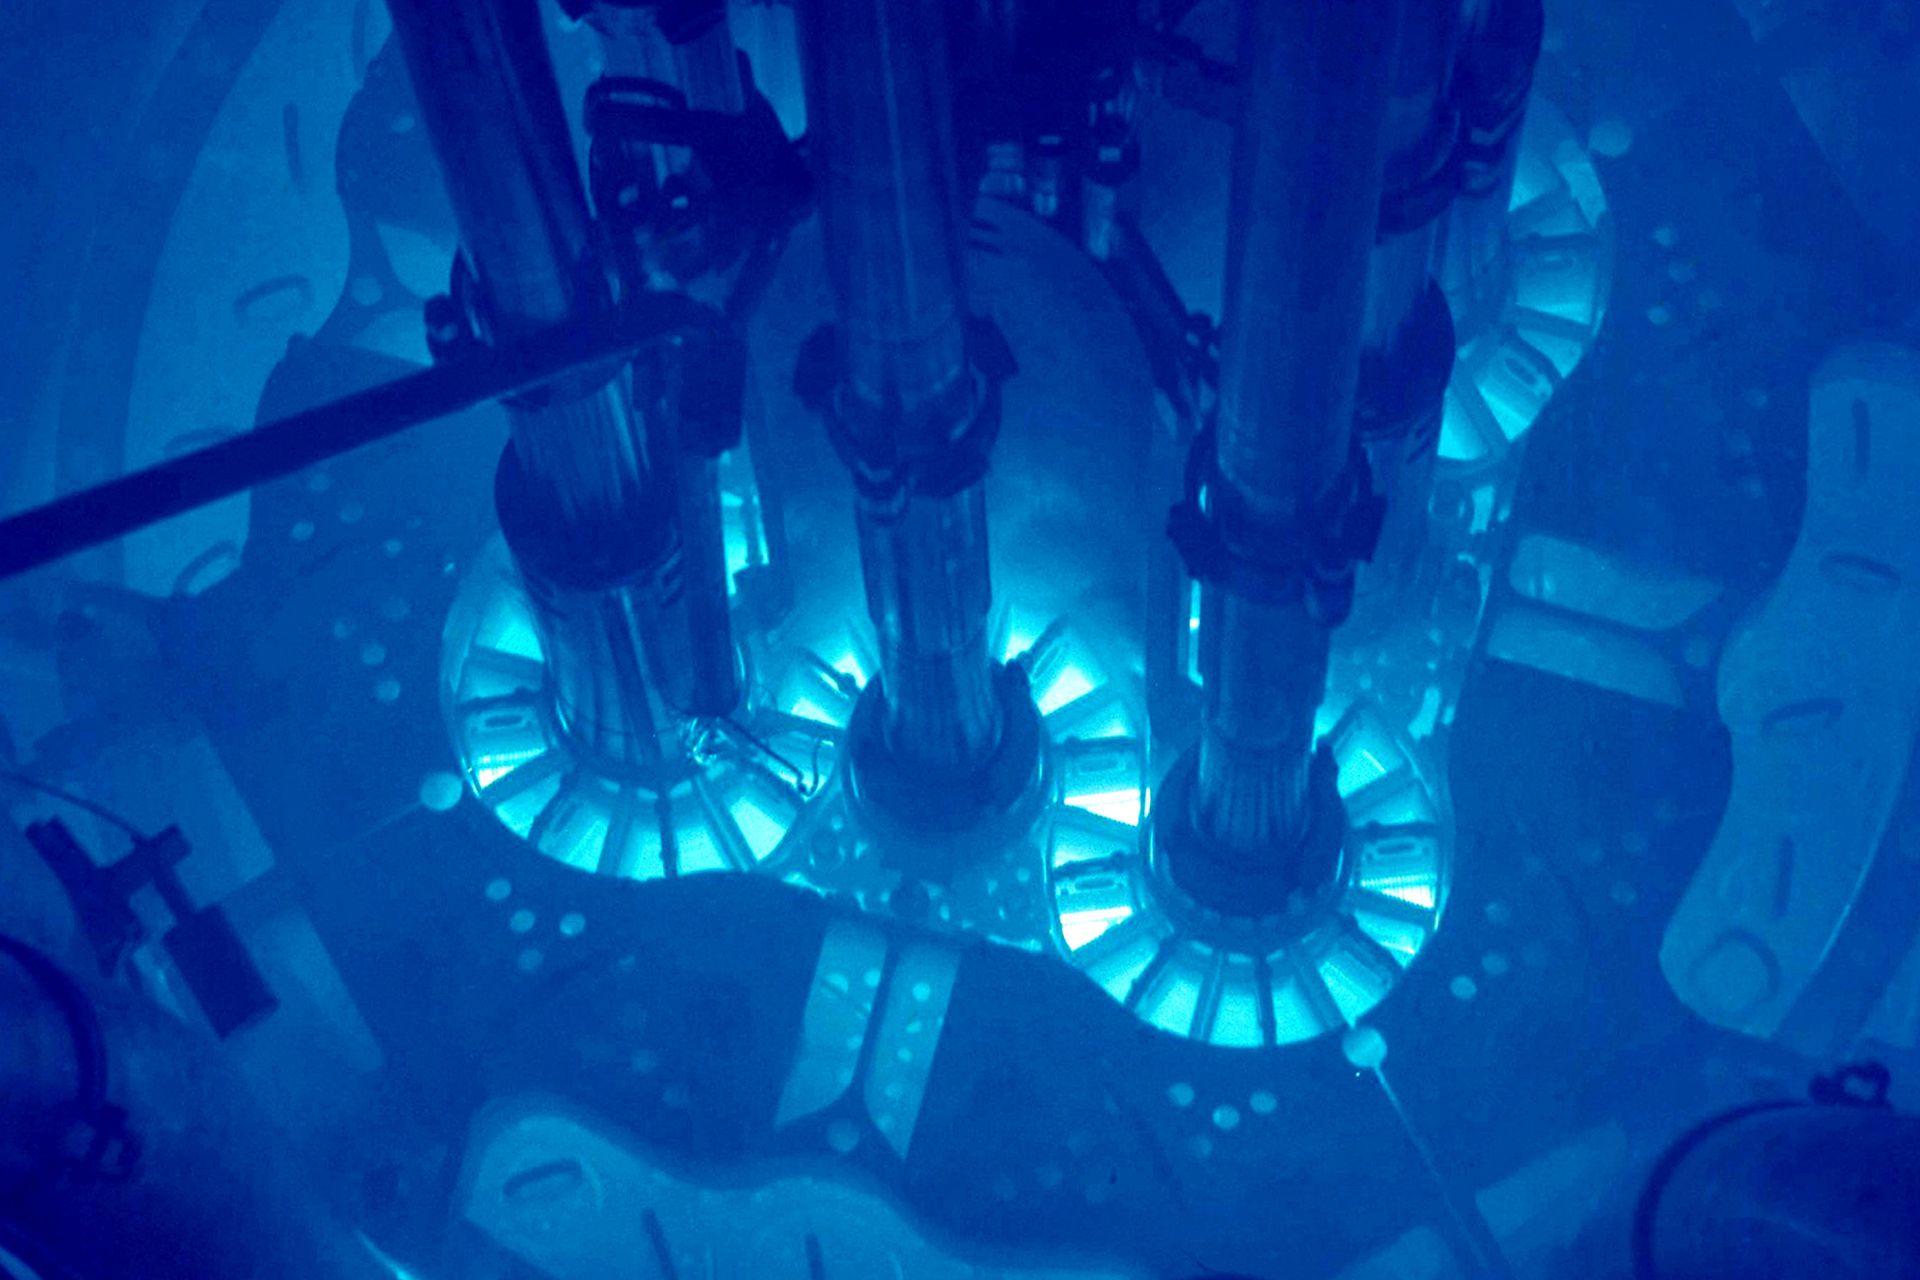 El núcleo de un reactor sumergido en agua